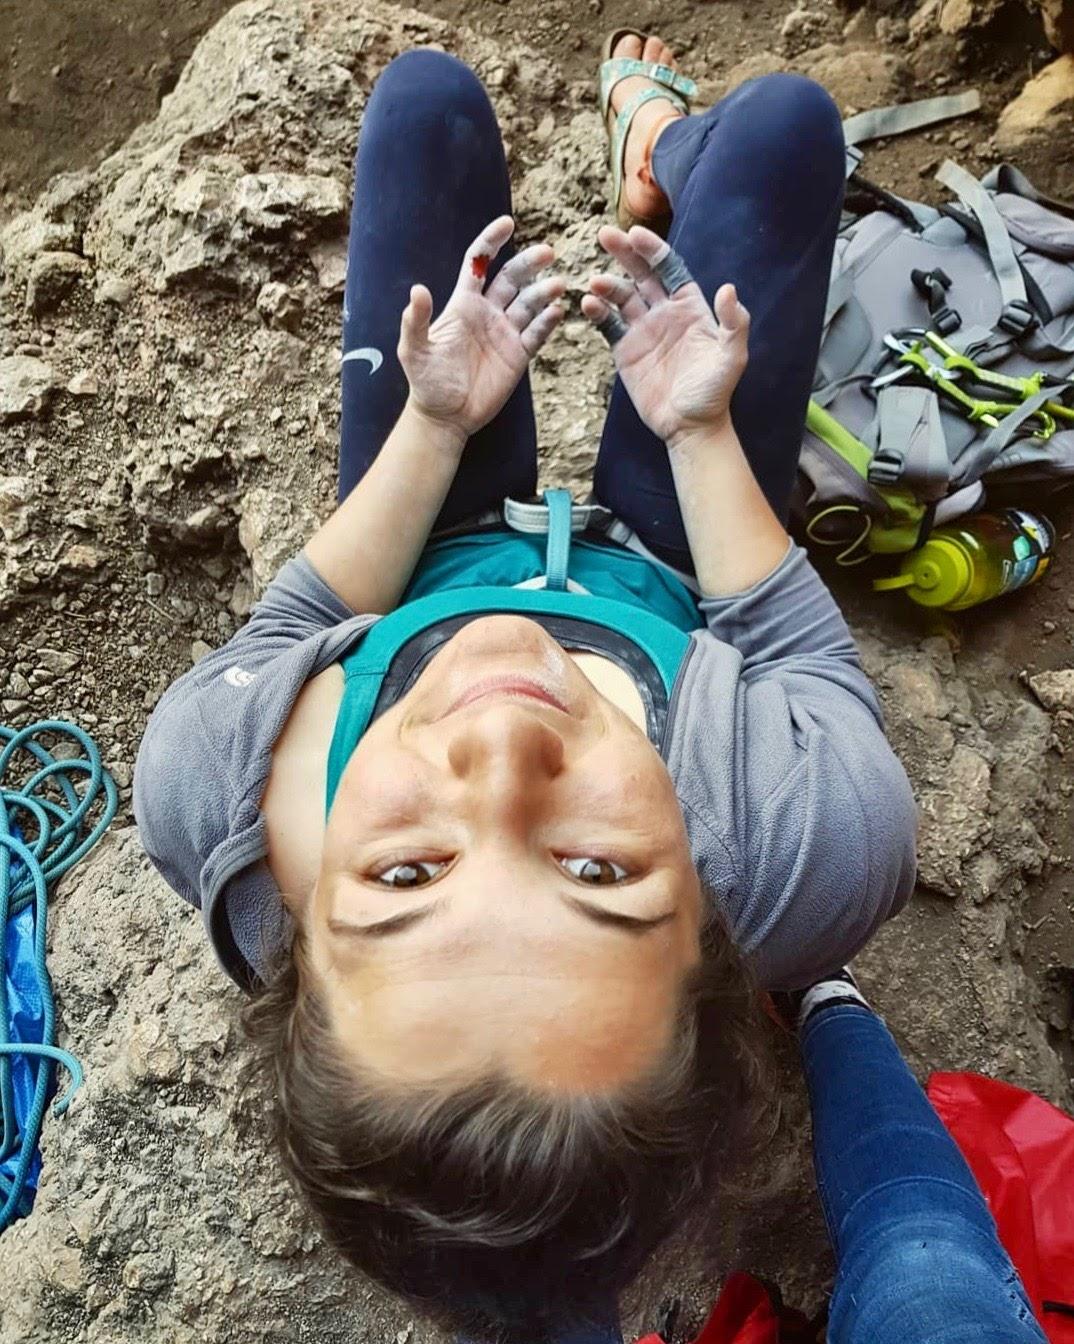 nursen yılmaz geyikbayırı kaya tırmanışı